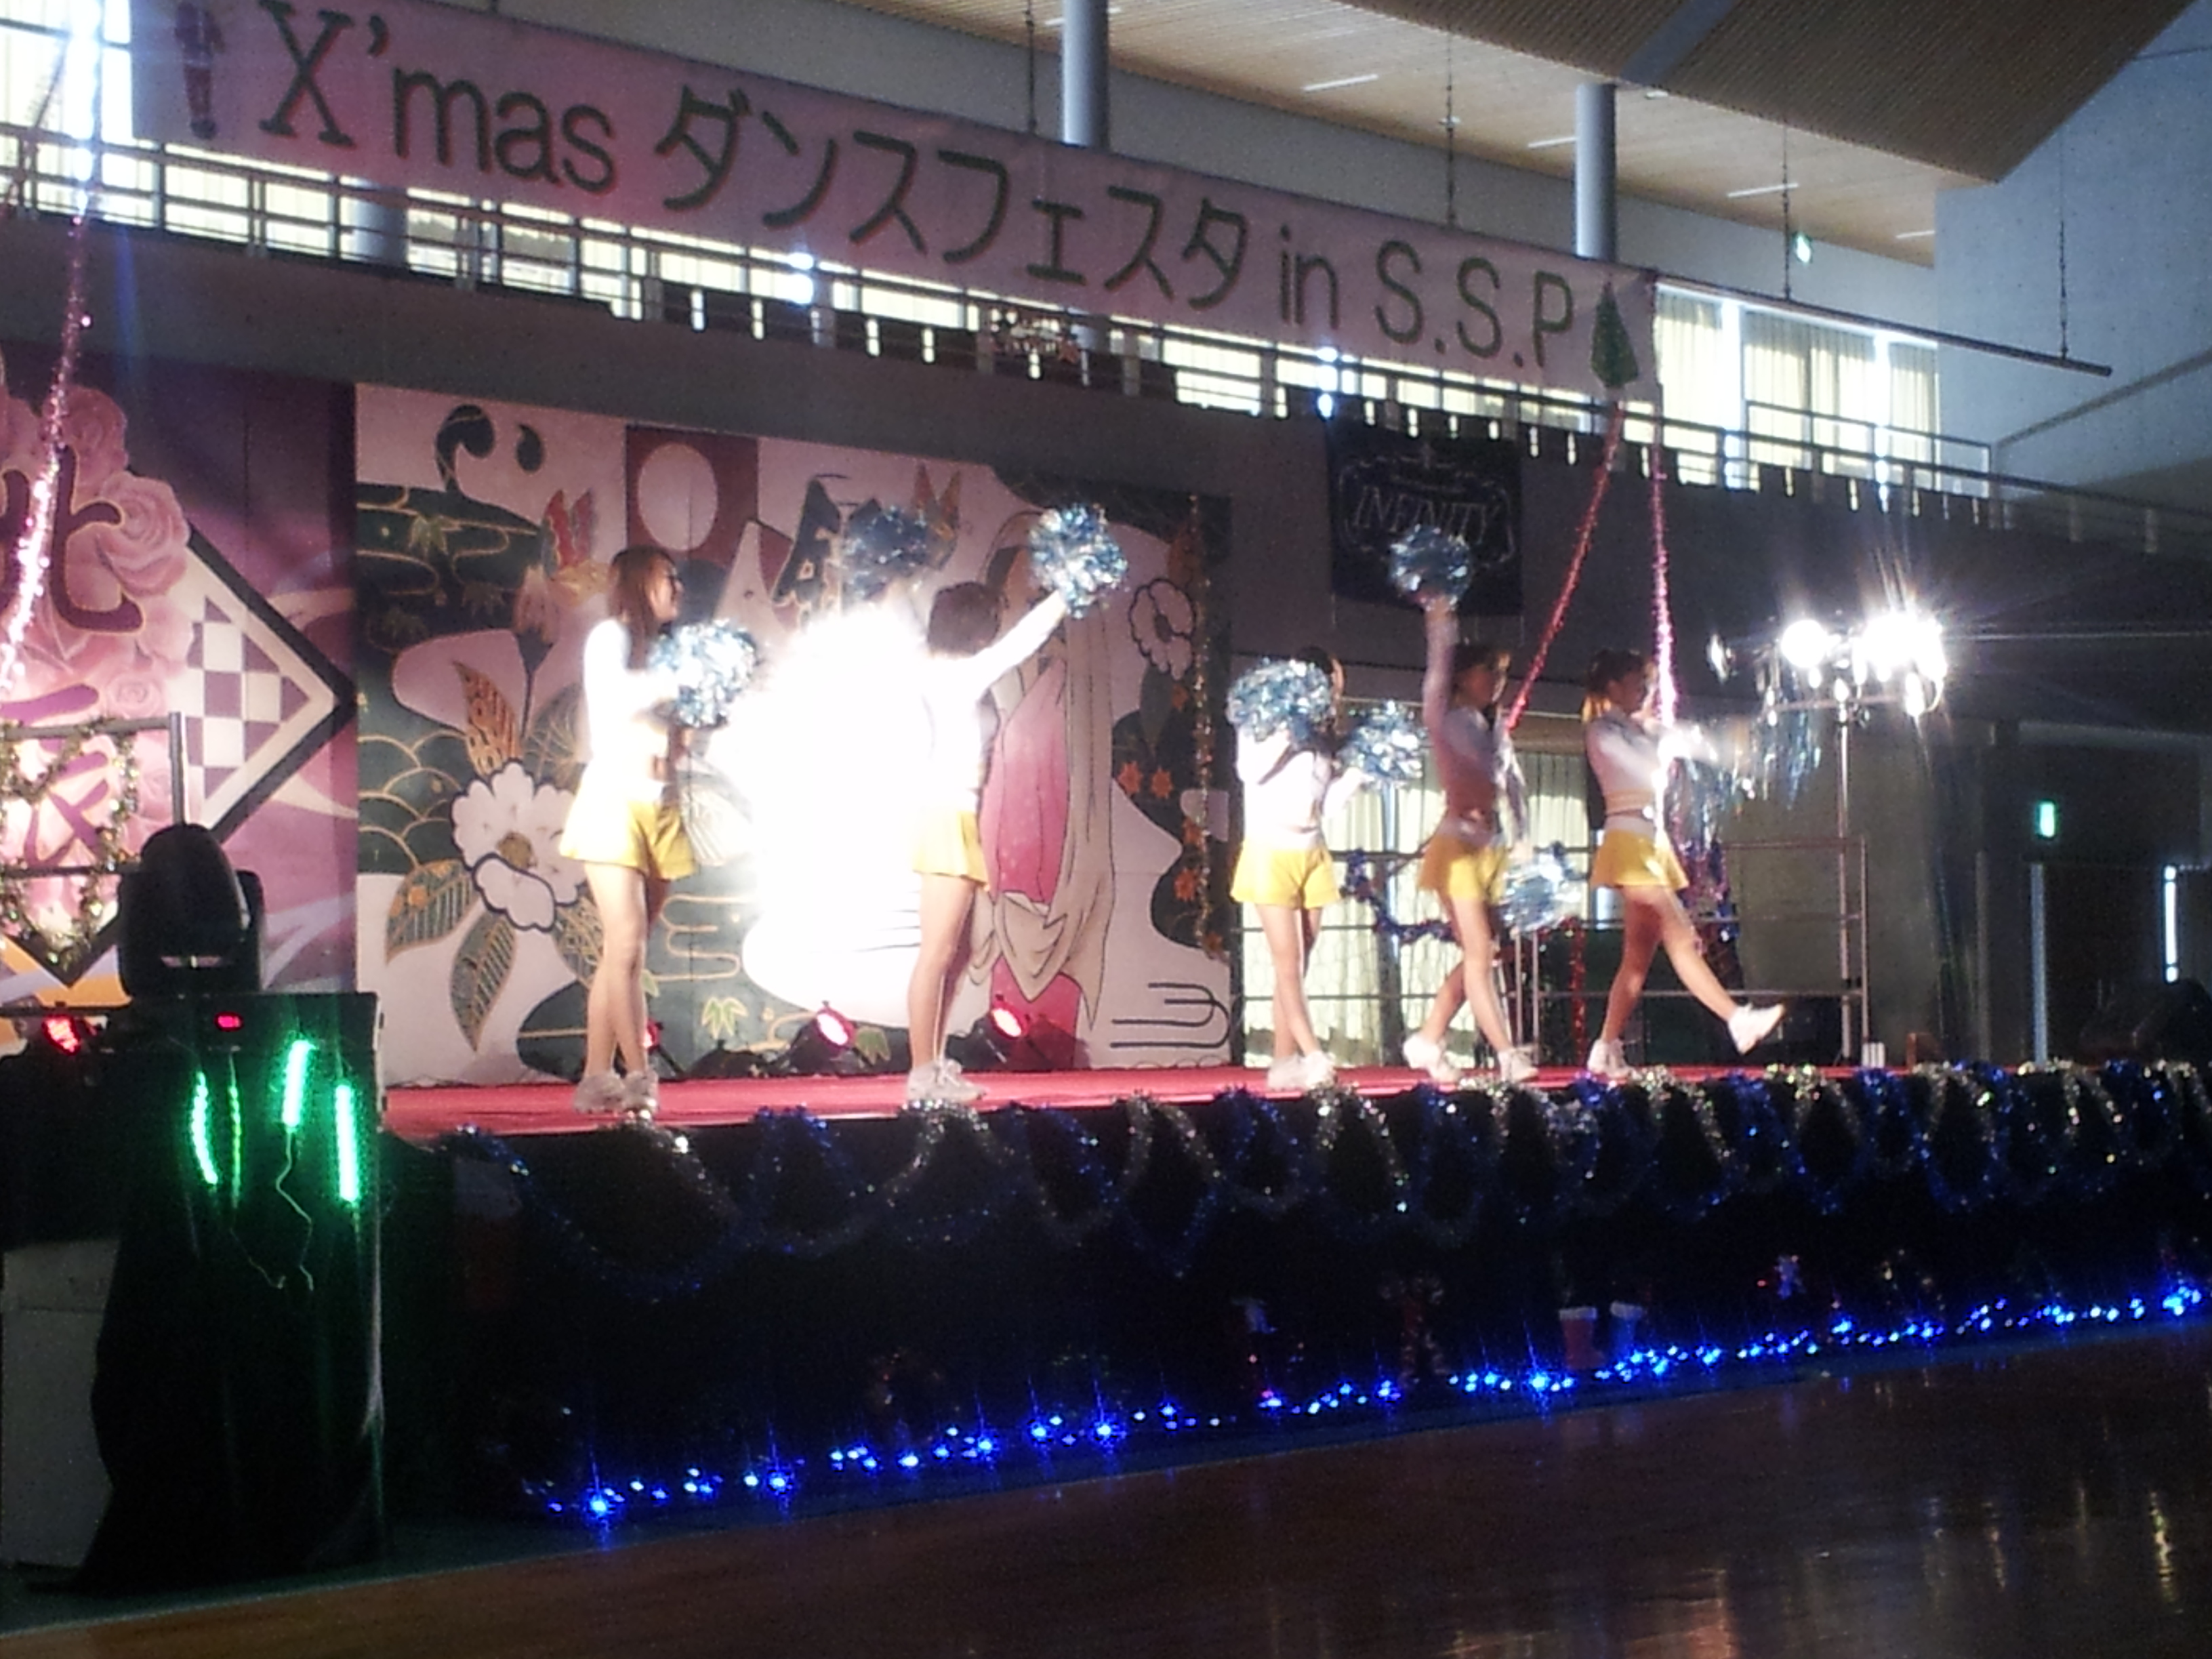 2011-12-25_13.01.46.jpg